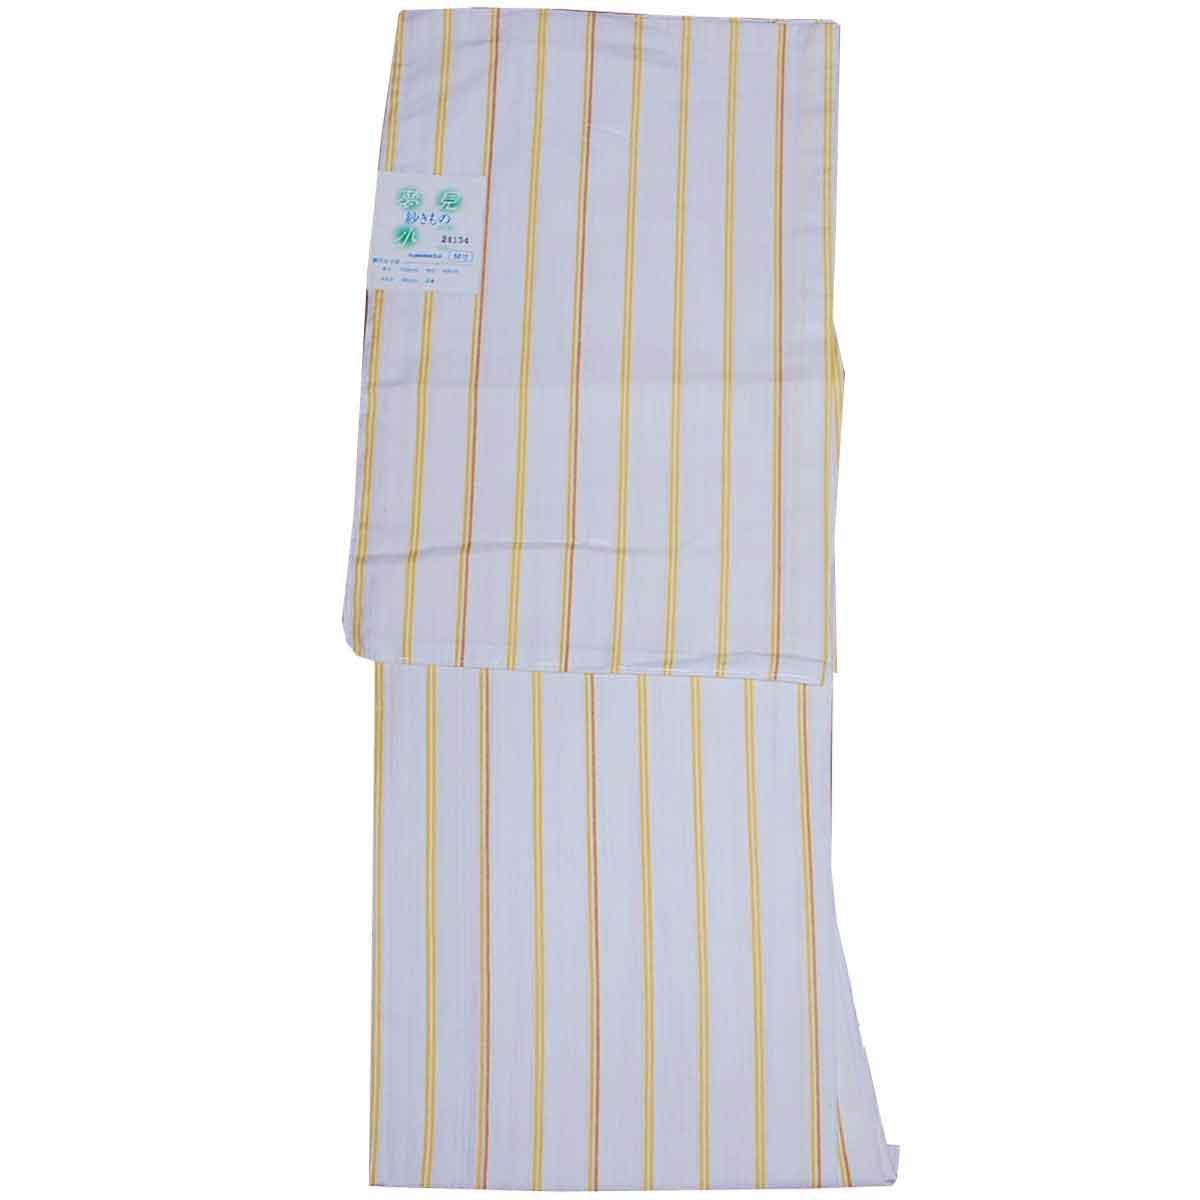 付与 お手入れ簡単 到着後すぐ着れます 洗える着物 夏物 紗 白 小紋 Mサイズ 縞 仕立て上がり 驚きの価格が実現